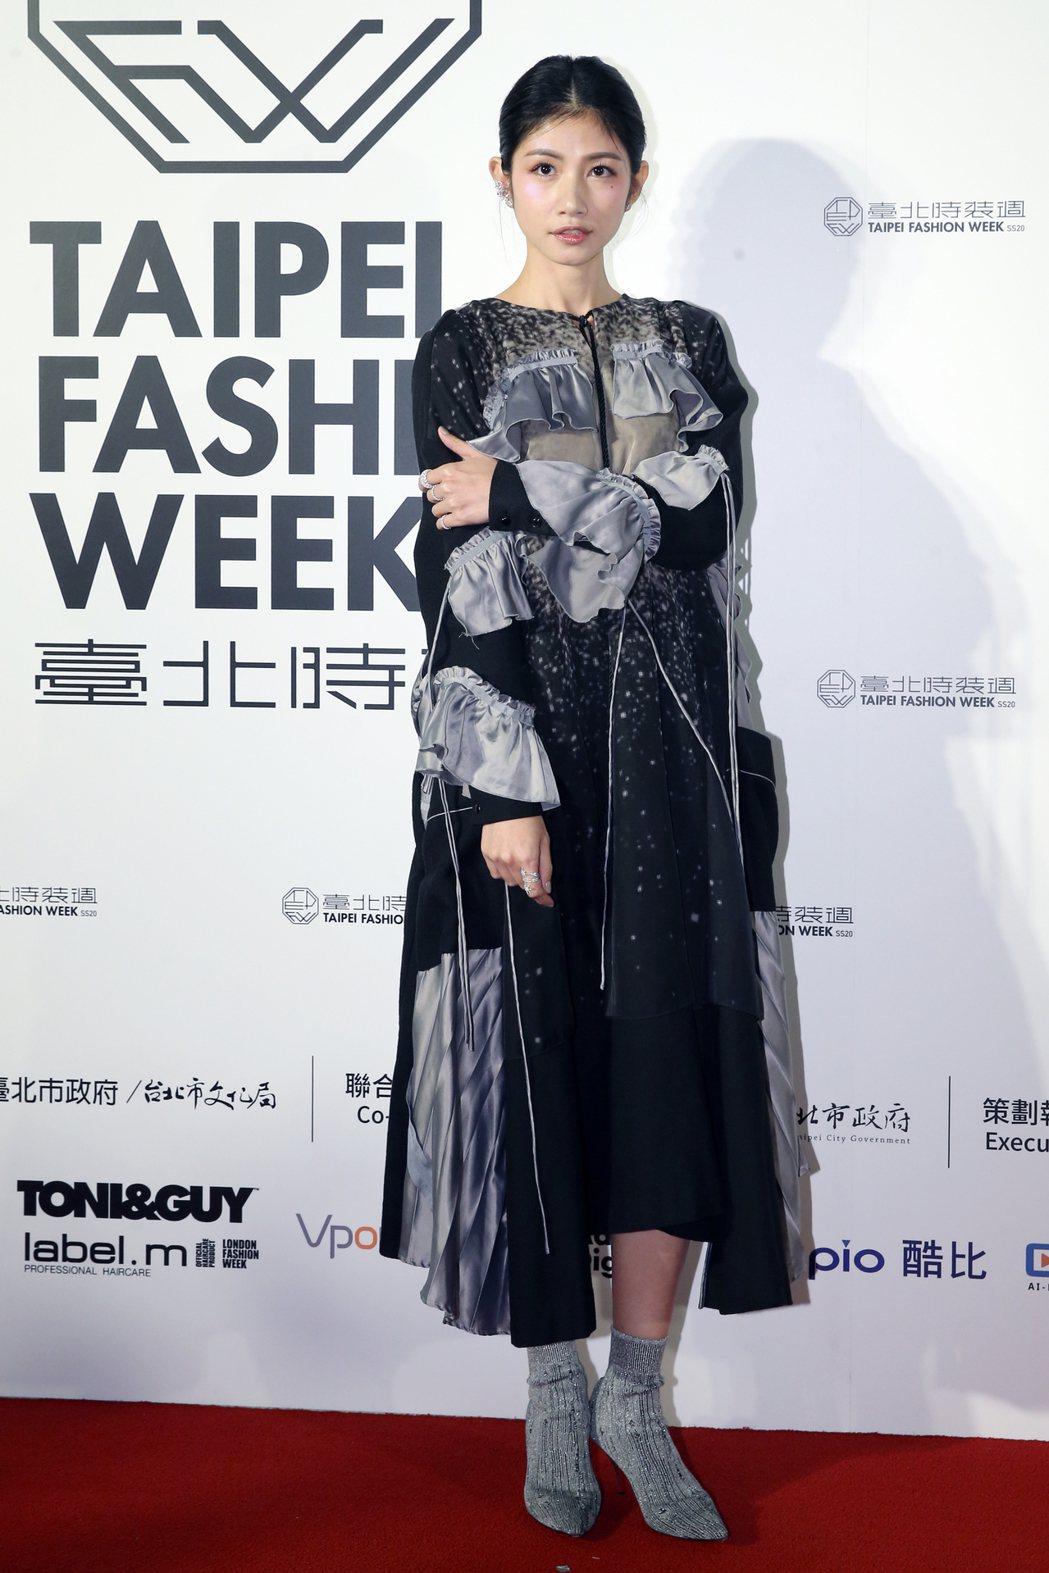 藝人李千那(圖)身著台灣設計師服飾亮相。記者許正宏/攝影